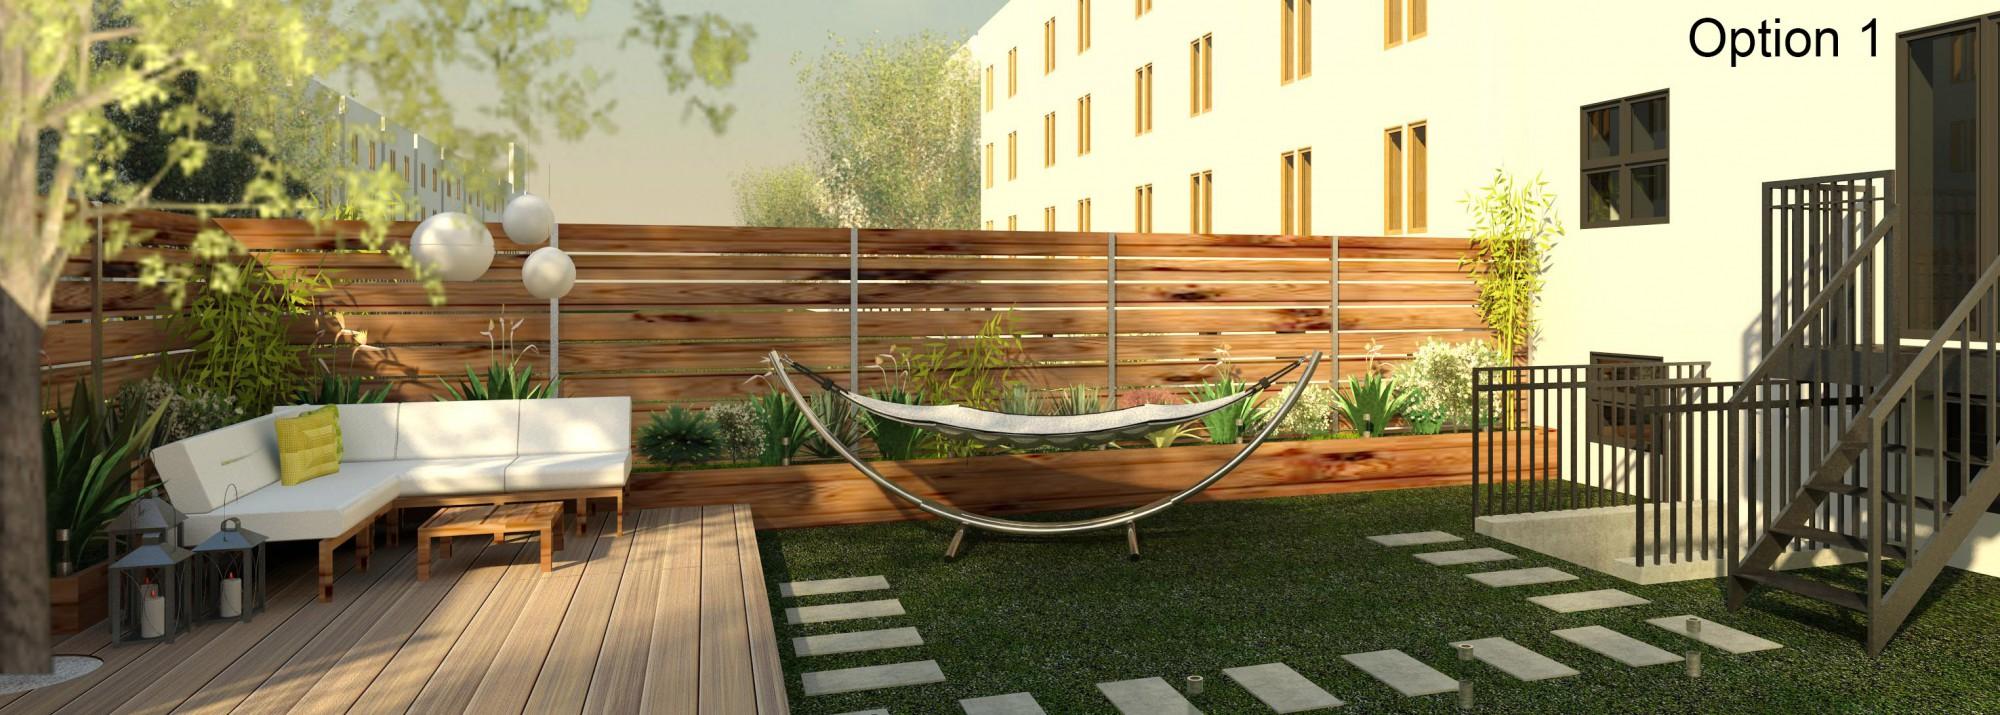 Come Arredare Un Terrazzo Coperto un angolo di paradiso in città: terrazze di design, cortili